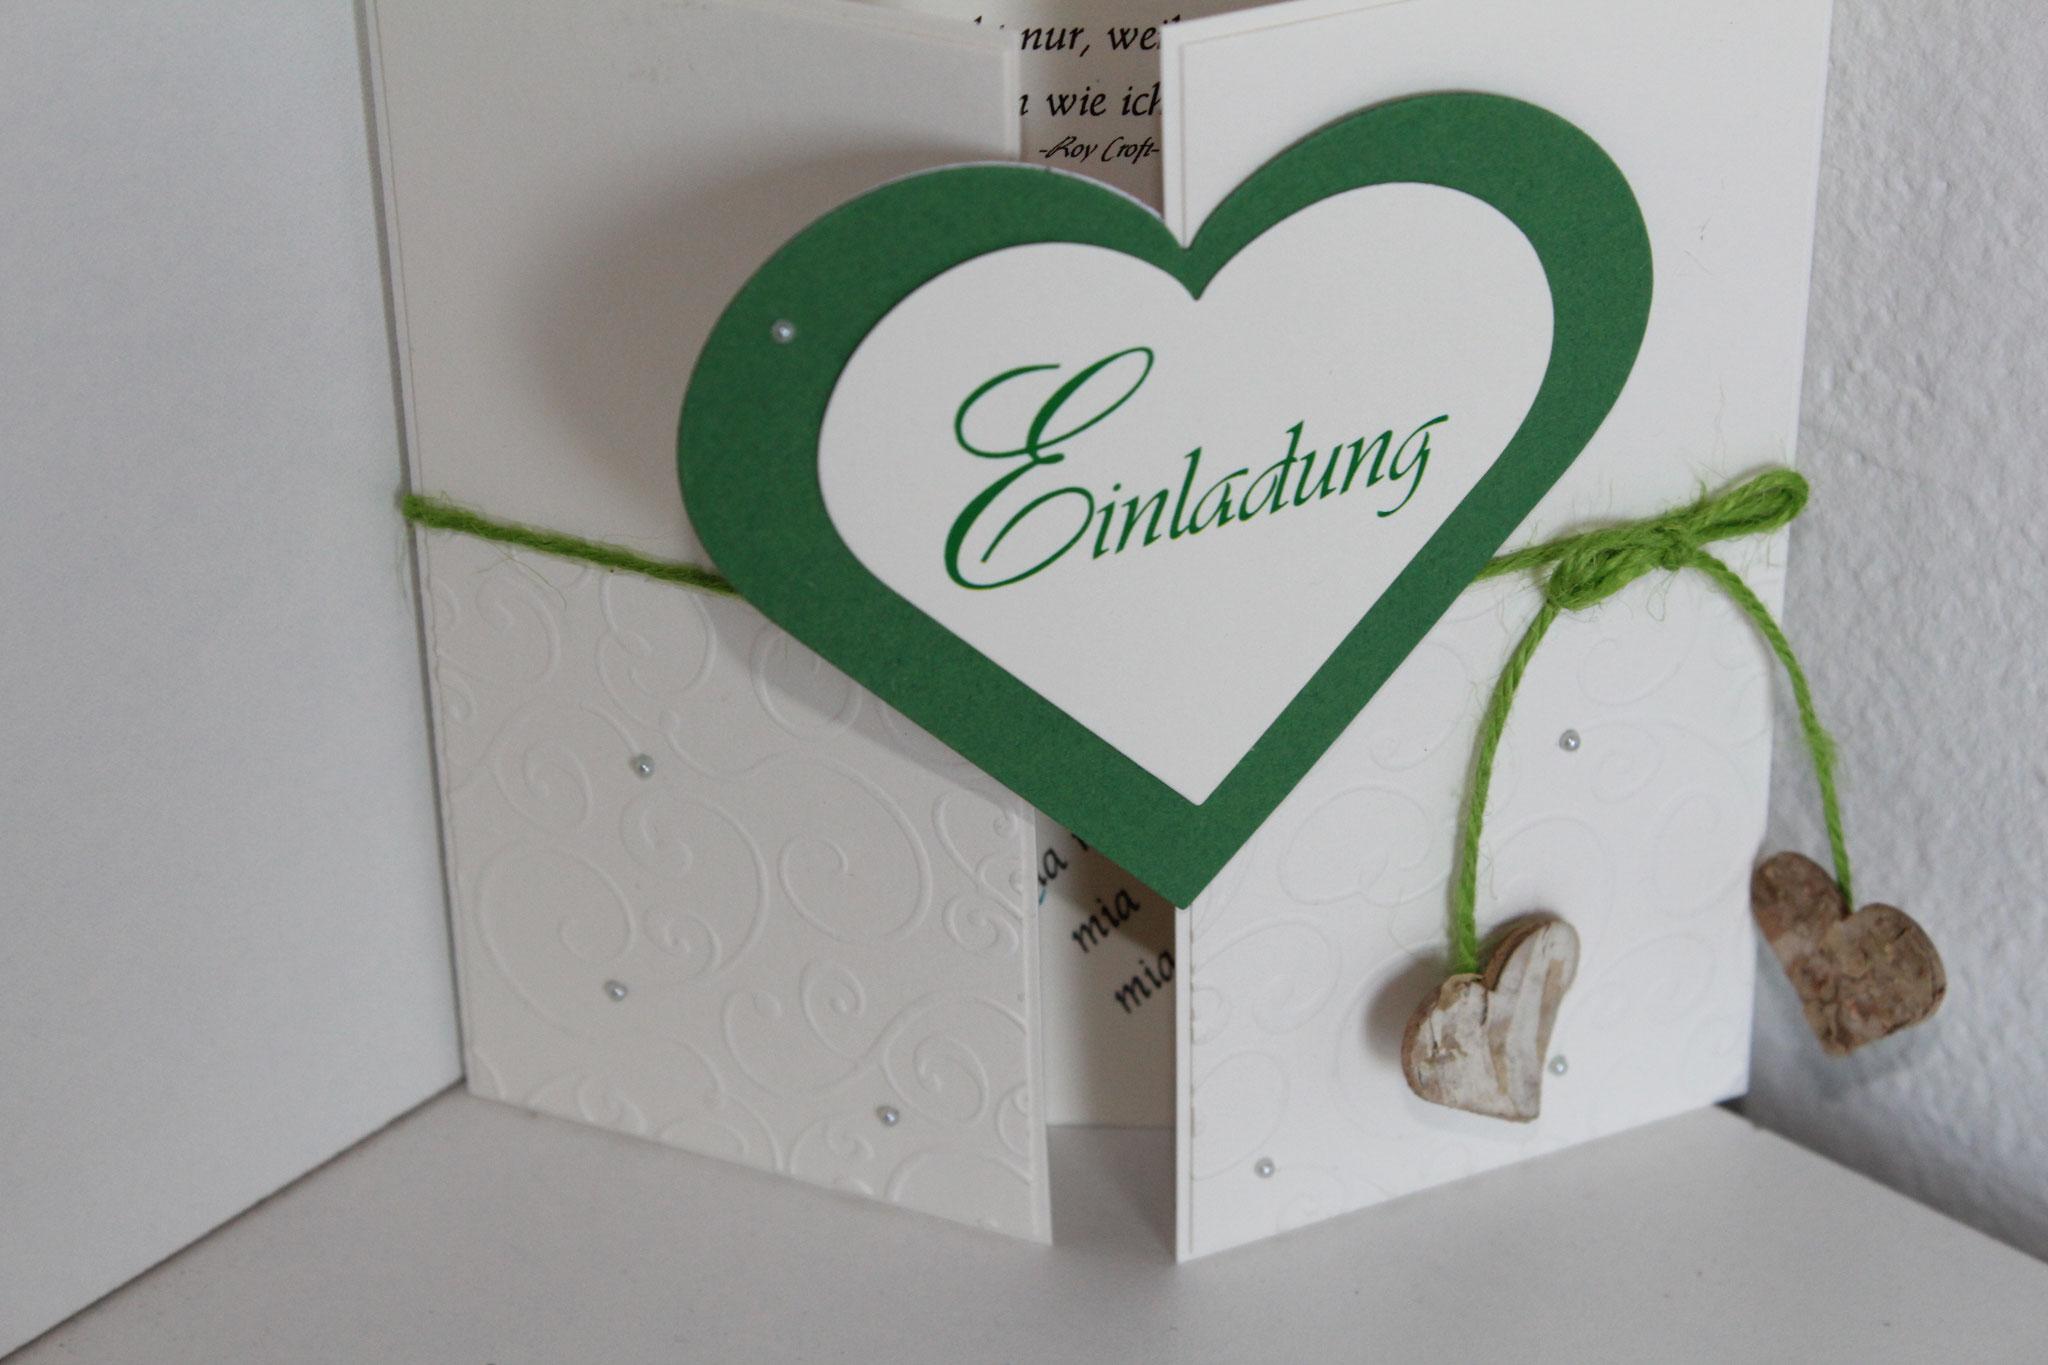 EH 72 mittig zu öffnen. Gerne arbeiten wir ein Bild von Euch auf die Herzinnenseite ein. Anhänger für die Vornamen des Brautpaares.